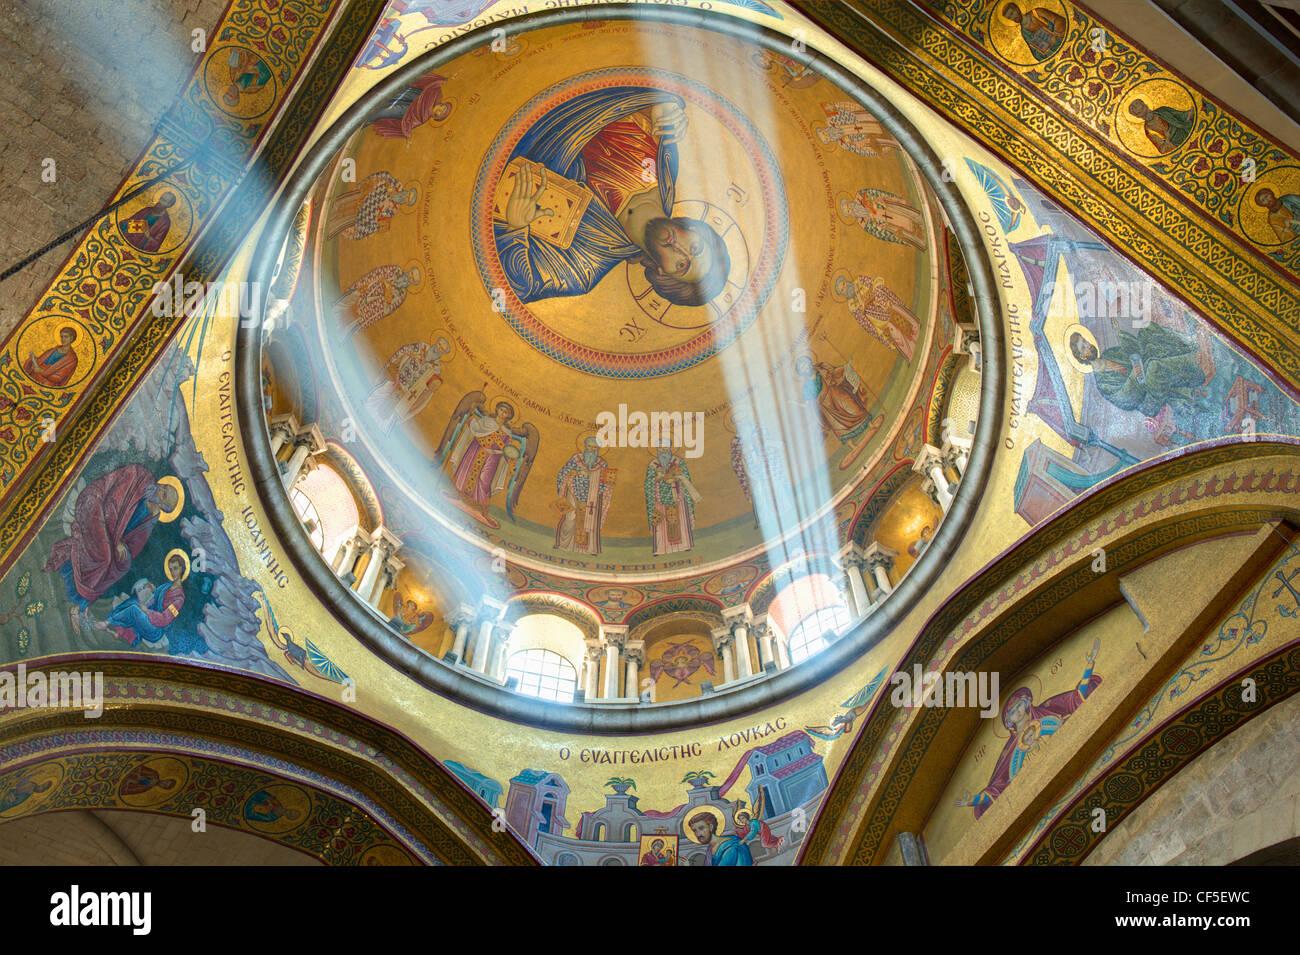 La cúpula del Catholicon que la Iglesia, en el centro de la Iglesia del Santo Sepulcro en Jerusalén, Israel. Imagen De Stock